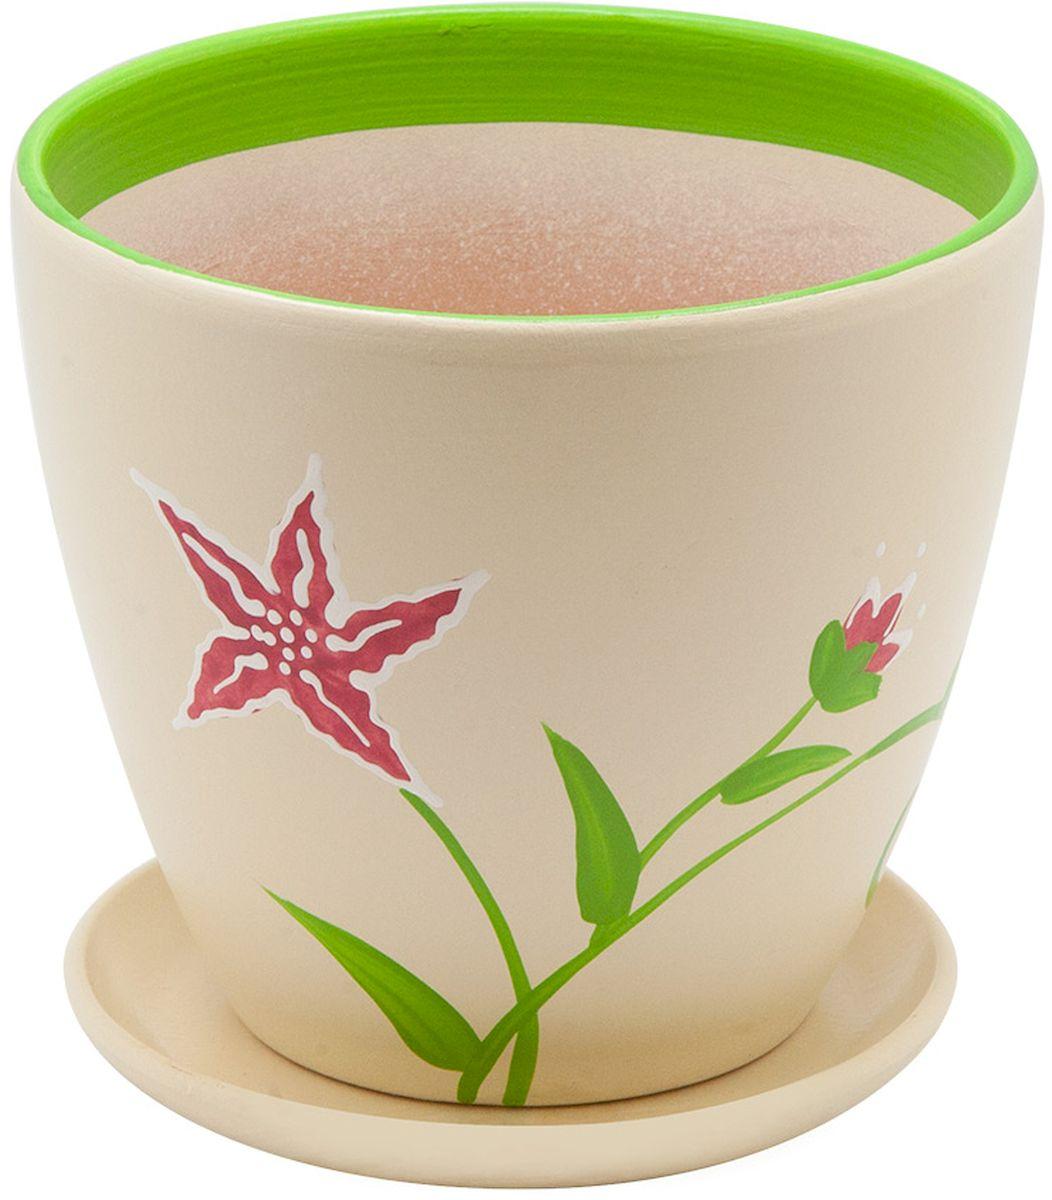 Горшок цветочный Engard, с поддоном, 2,4 л. BH-15-2C0042416Керамический горшок - это идеальное решение для выращивания комнатных растений и создания изысканности в интерьере. Керамический горшок сделан из высококачественной глины в классической форме и оригинальном дизайне.